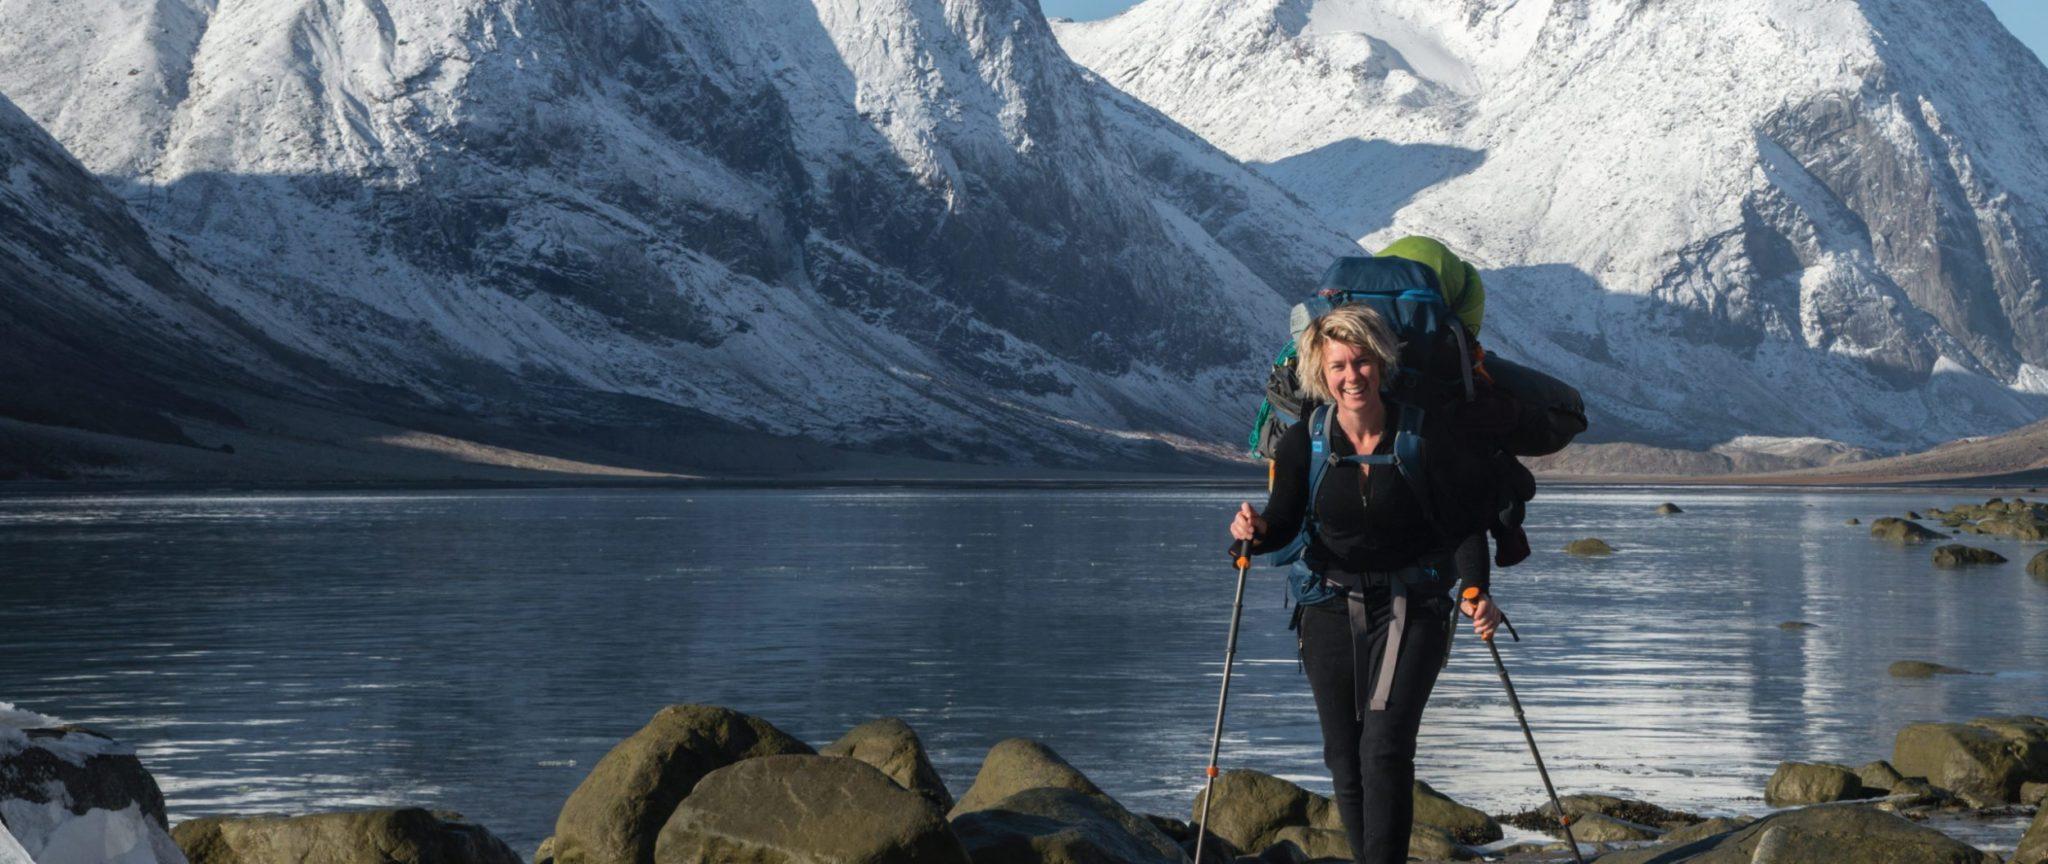 traveler arctic experiences